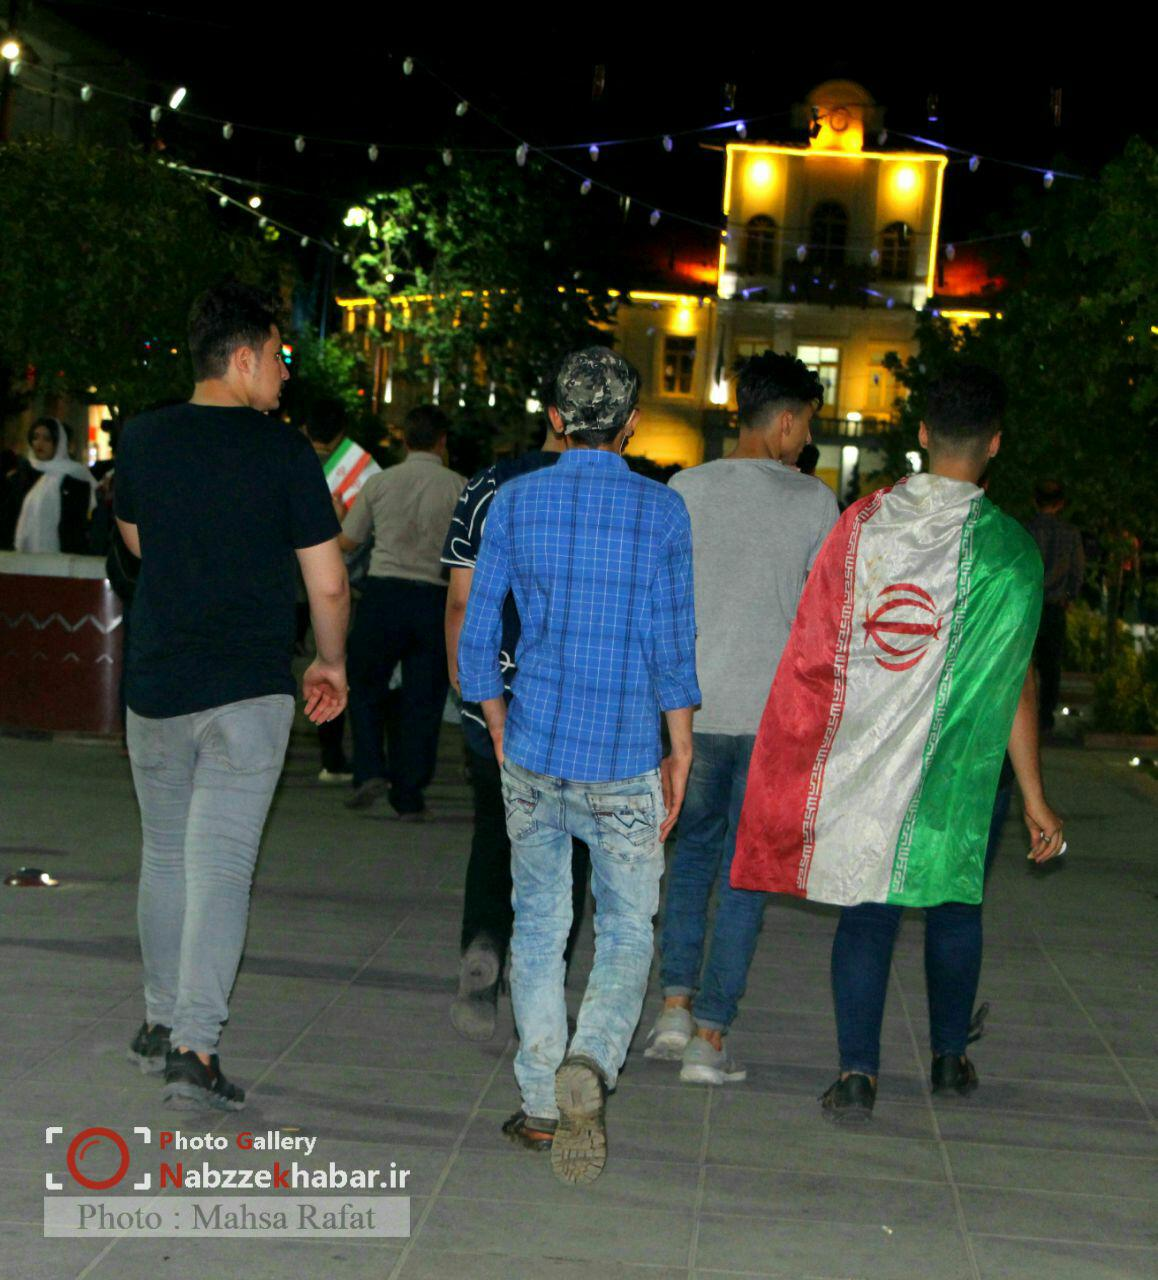 گزارش تصویری تماشای دیدار ایران و پرتغال در پیاده راه فرهنگی رشت